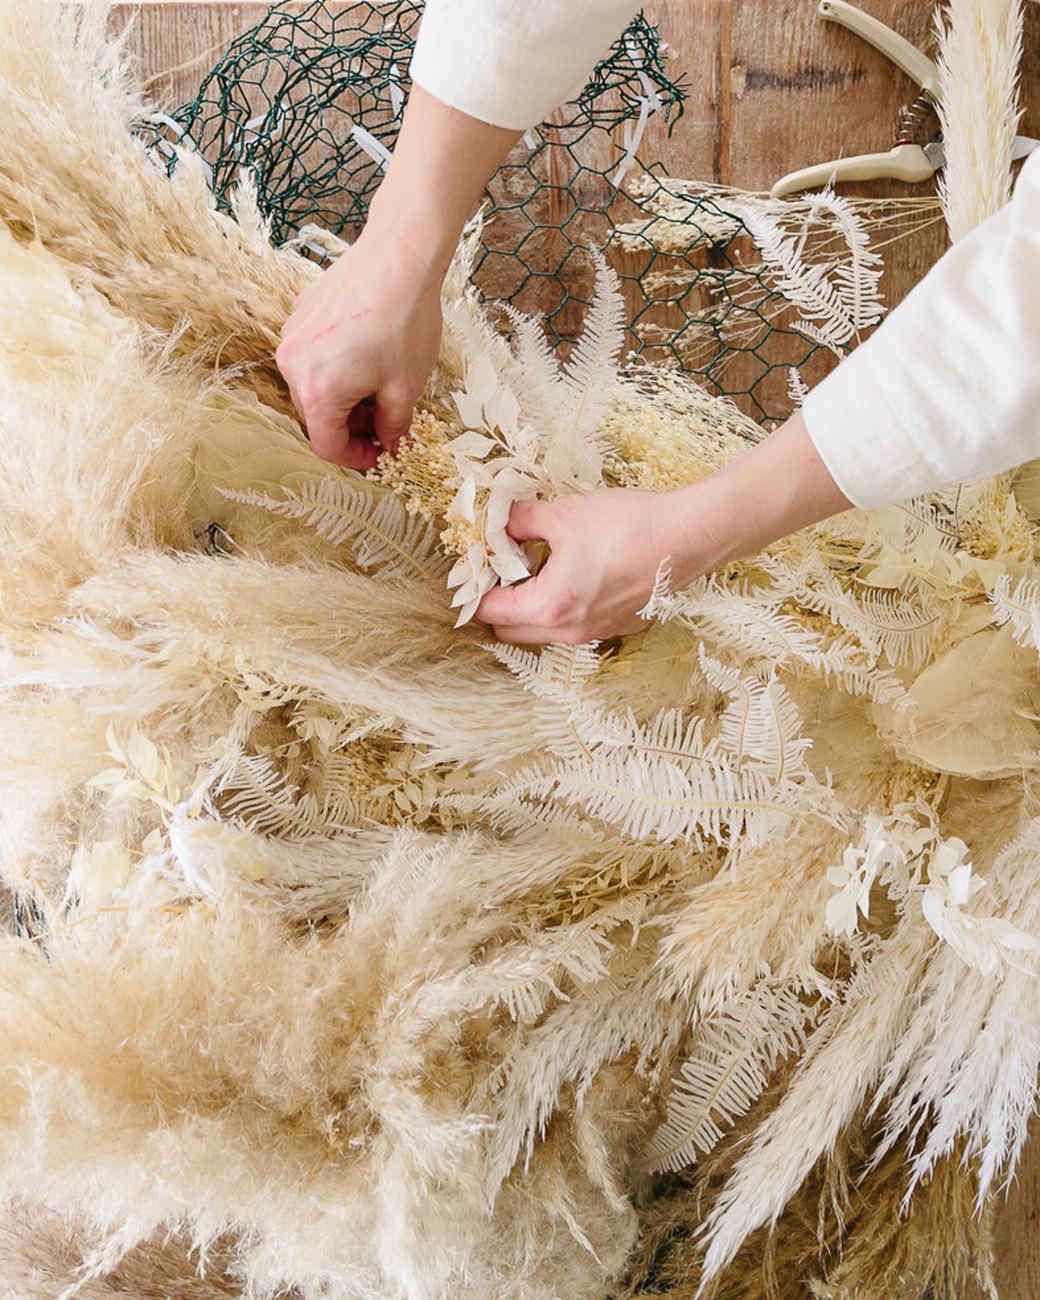 hands arranging pampas grass to chicken wire